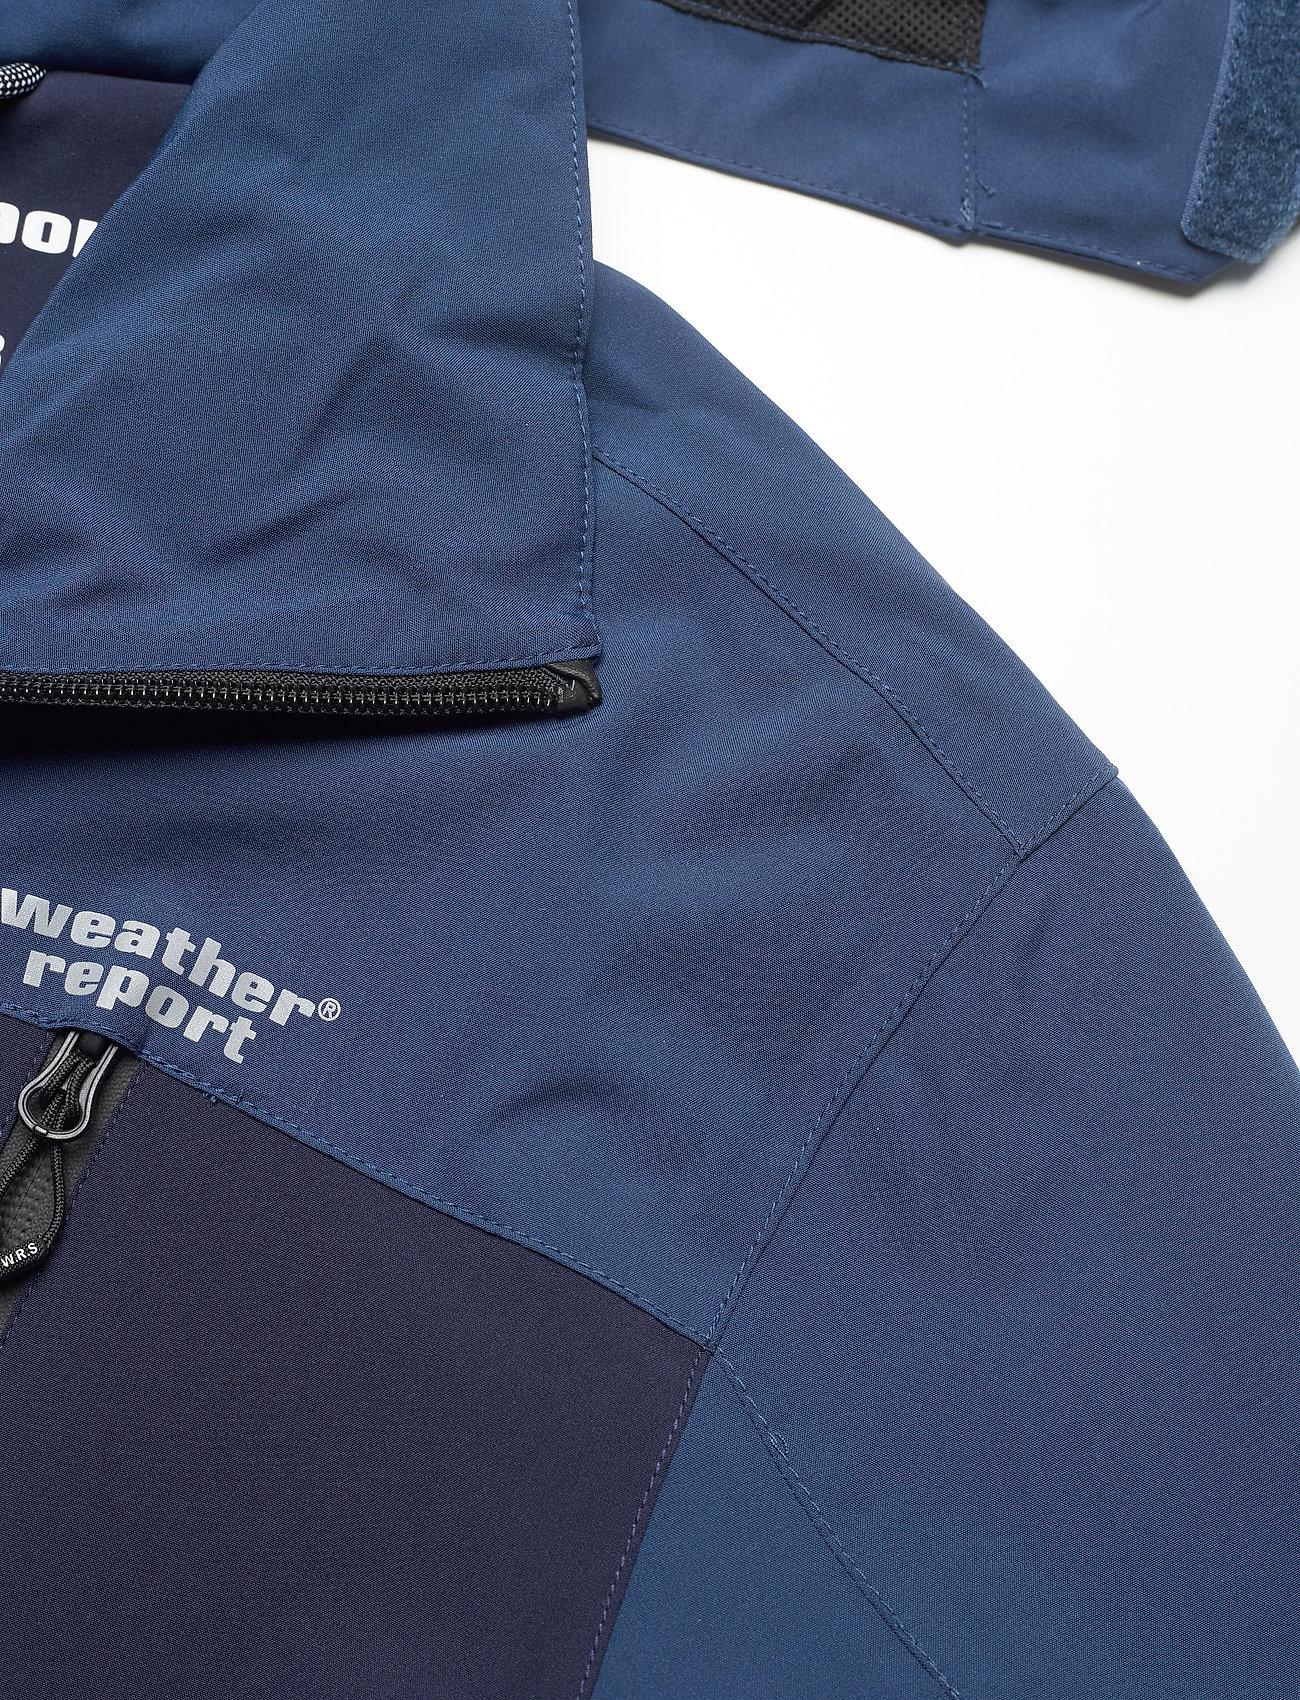 Weather Report - Delton M AWG Jacket W-PRO 15000 - regenjassen - navy blazer - 4